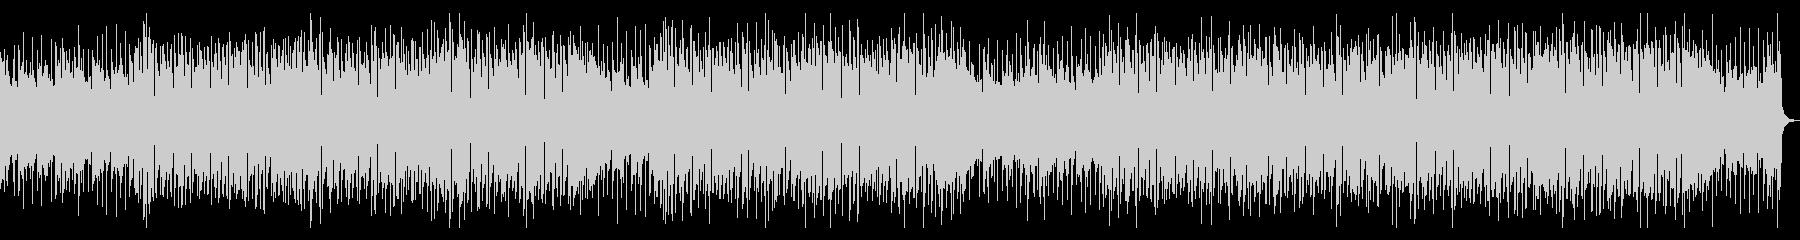 ポジティブなアコースティックギターBGMの未再生の波形